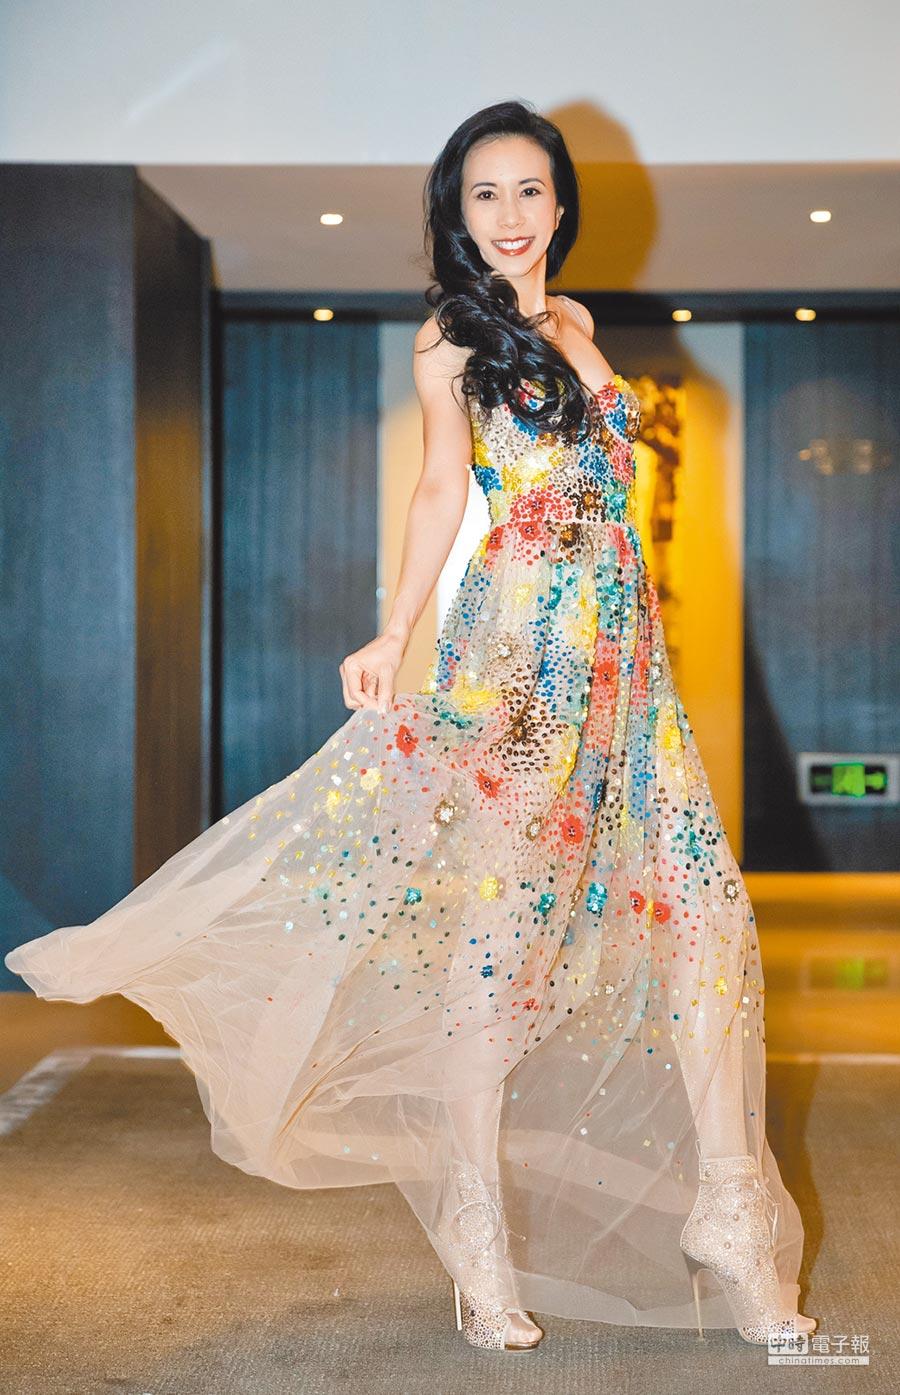 莫文蔚昨身穿透膚長裙參加「流行音樂全金榜年度盛典」擔任頒獎嘉賓。